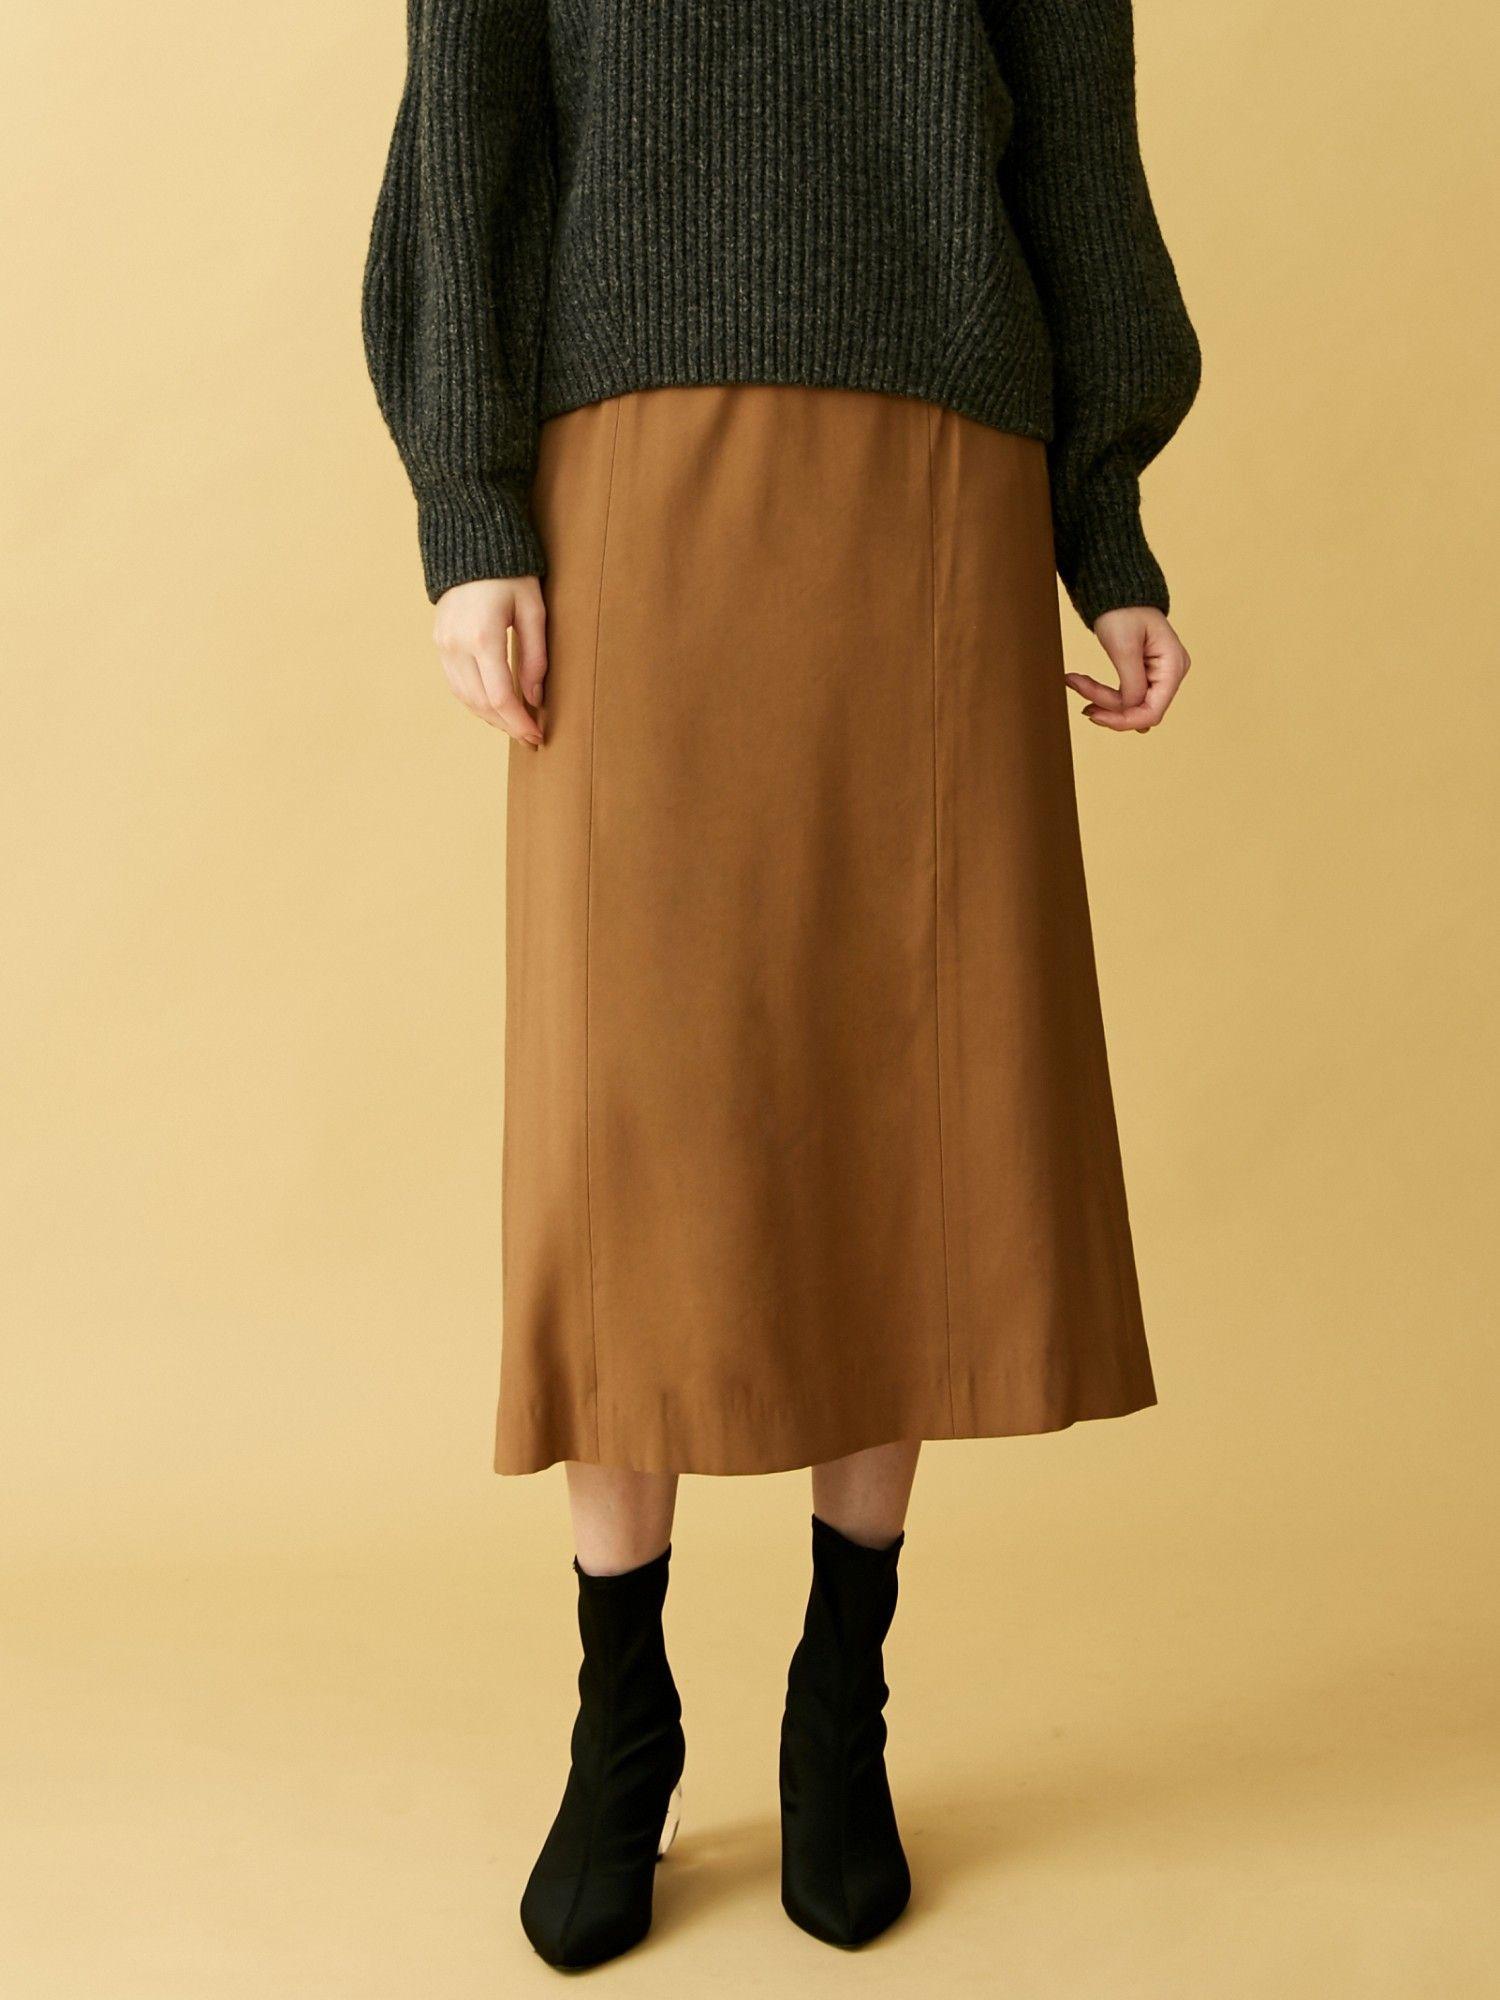 高腰緊身裙